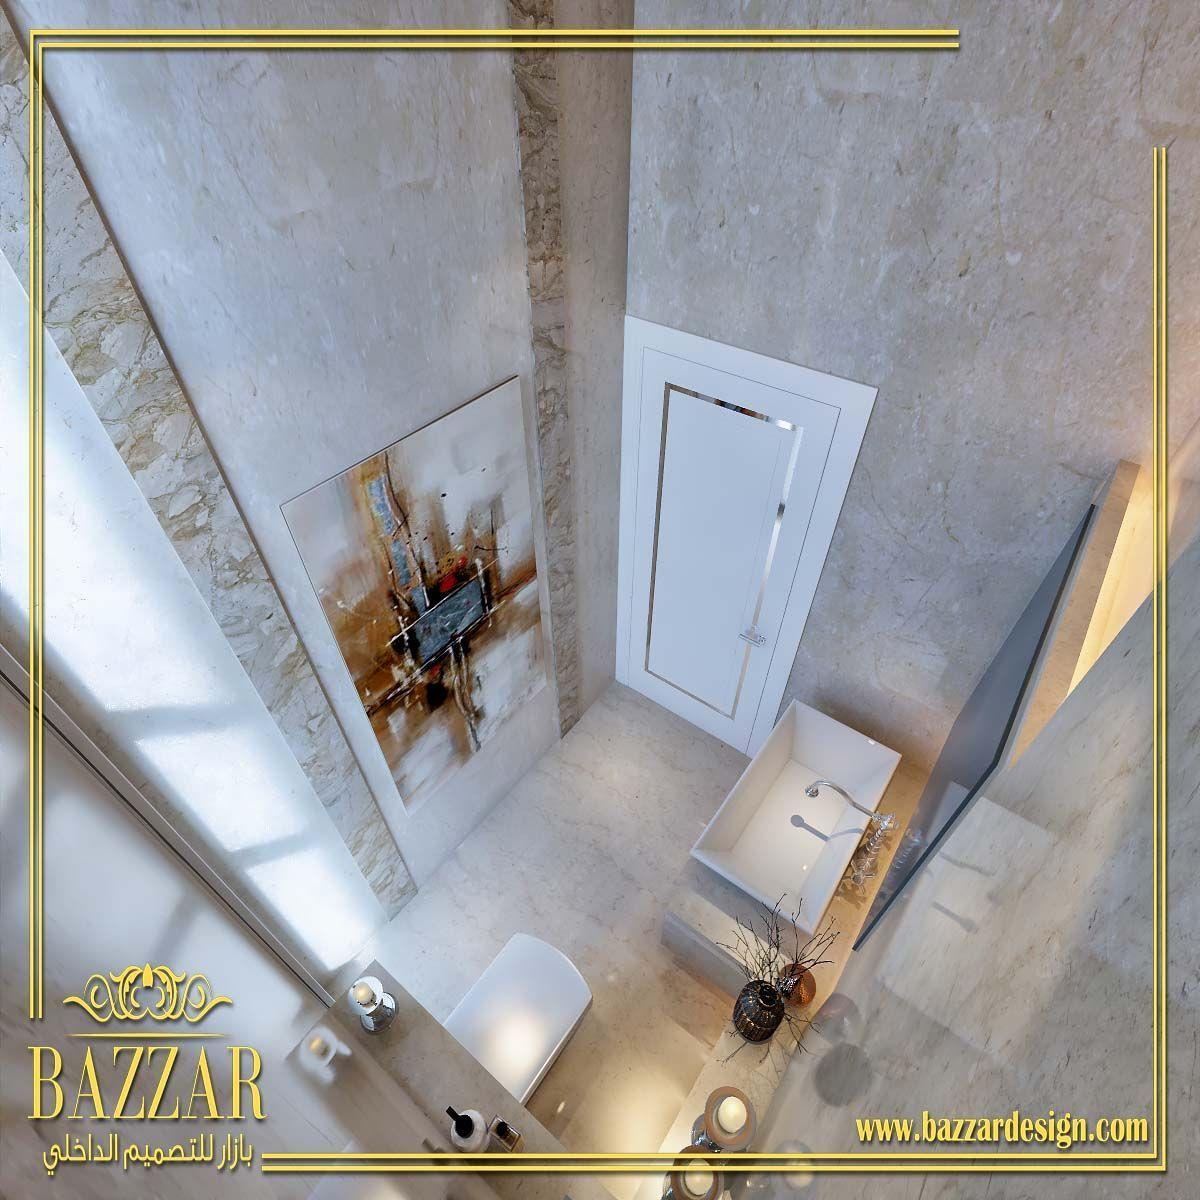 تصميم حمام مودرن تصميم ديكور حمامات فخمه تصميم حمام ذات الوان هادئه تصميم حمام Bedroom Interior Design Luxury Bathroom Design Small Luxury Interior Design